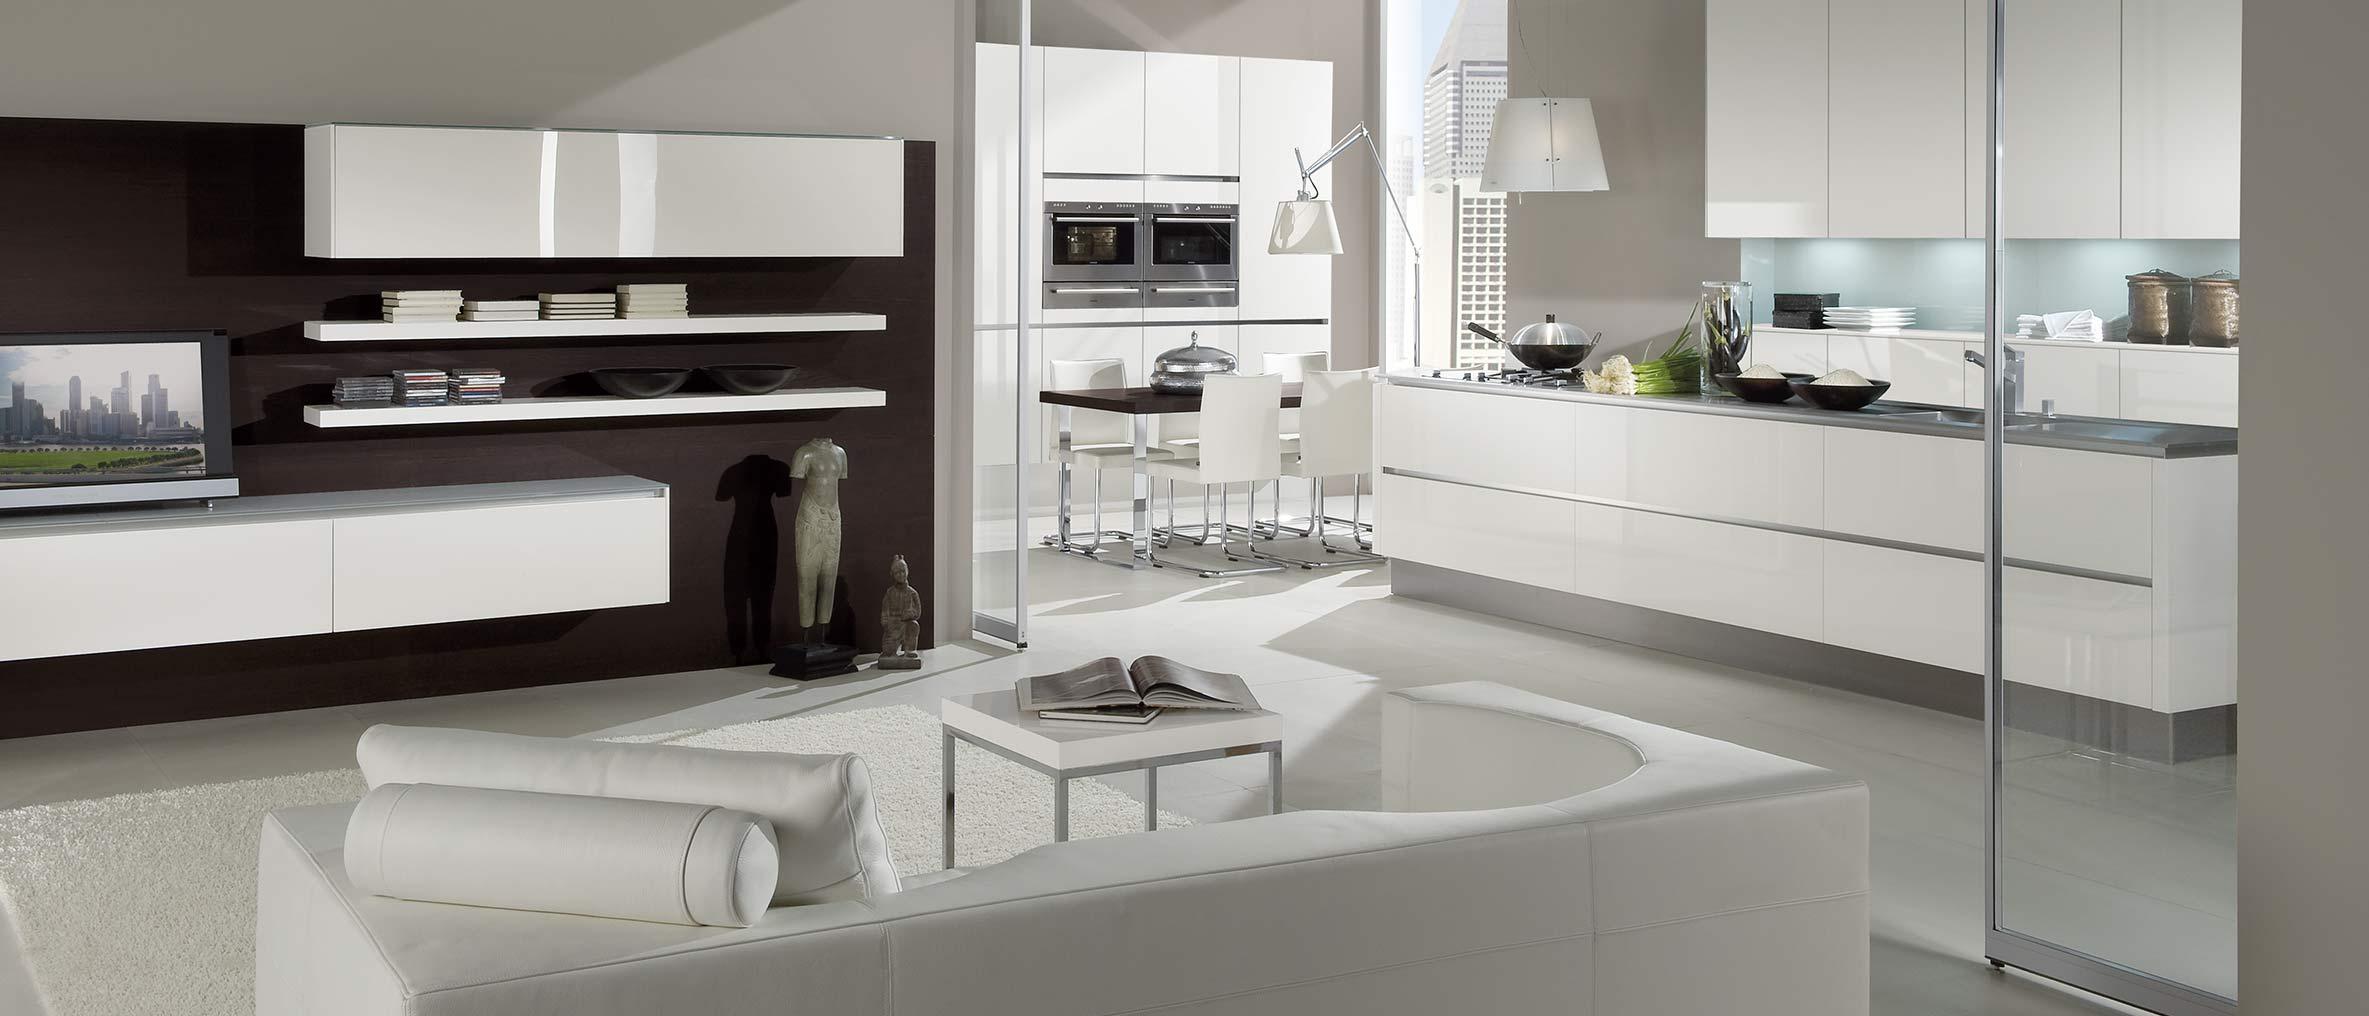 modern-simplicity-details